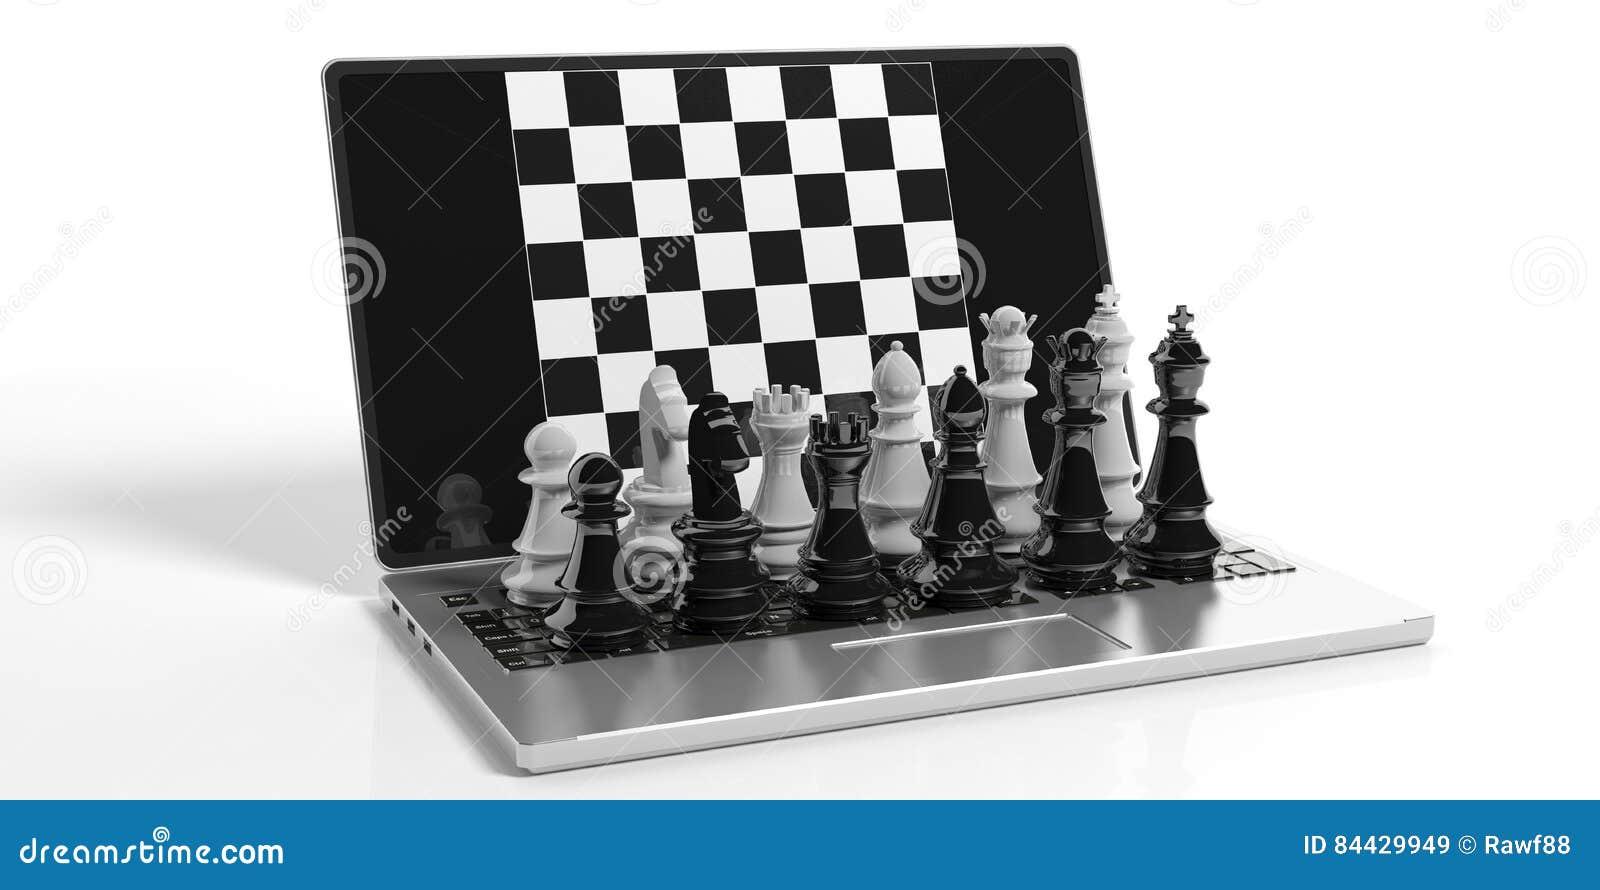 Xadrez da rendição 3d na tela do portátil